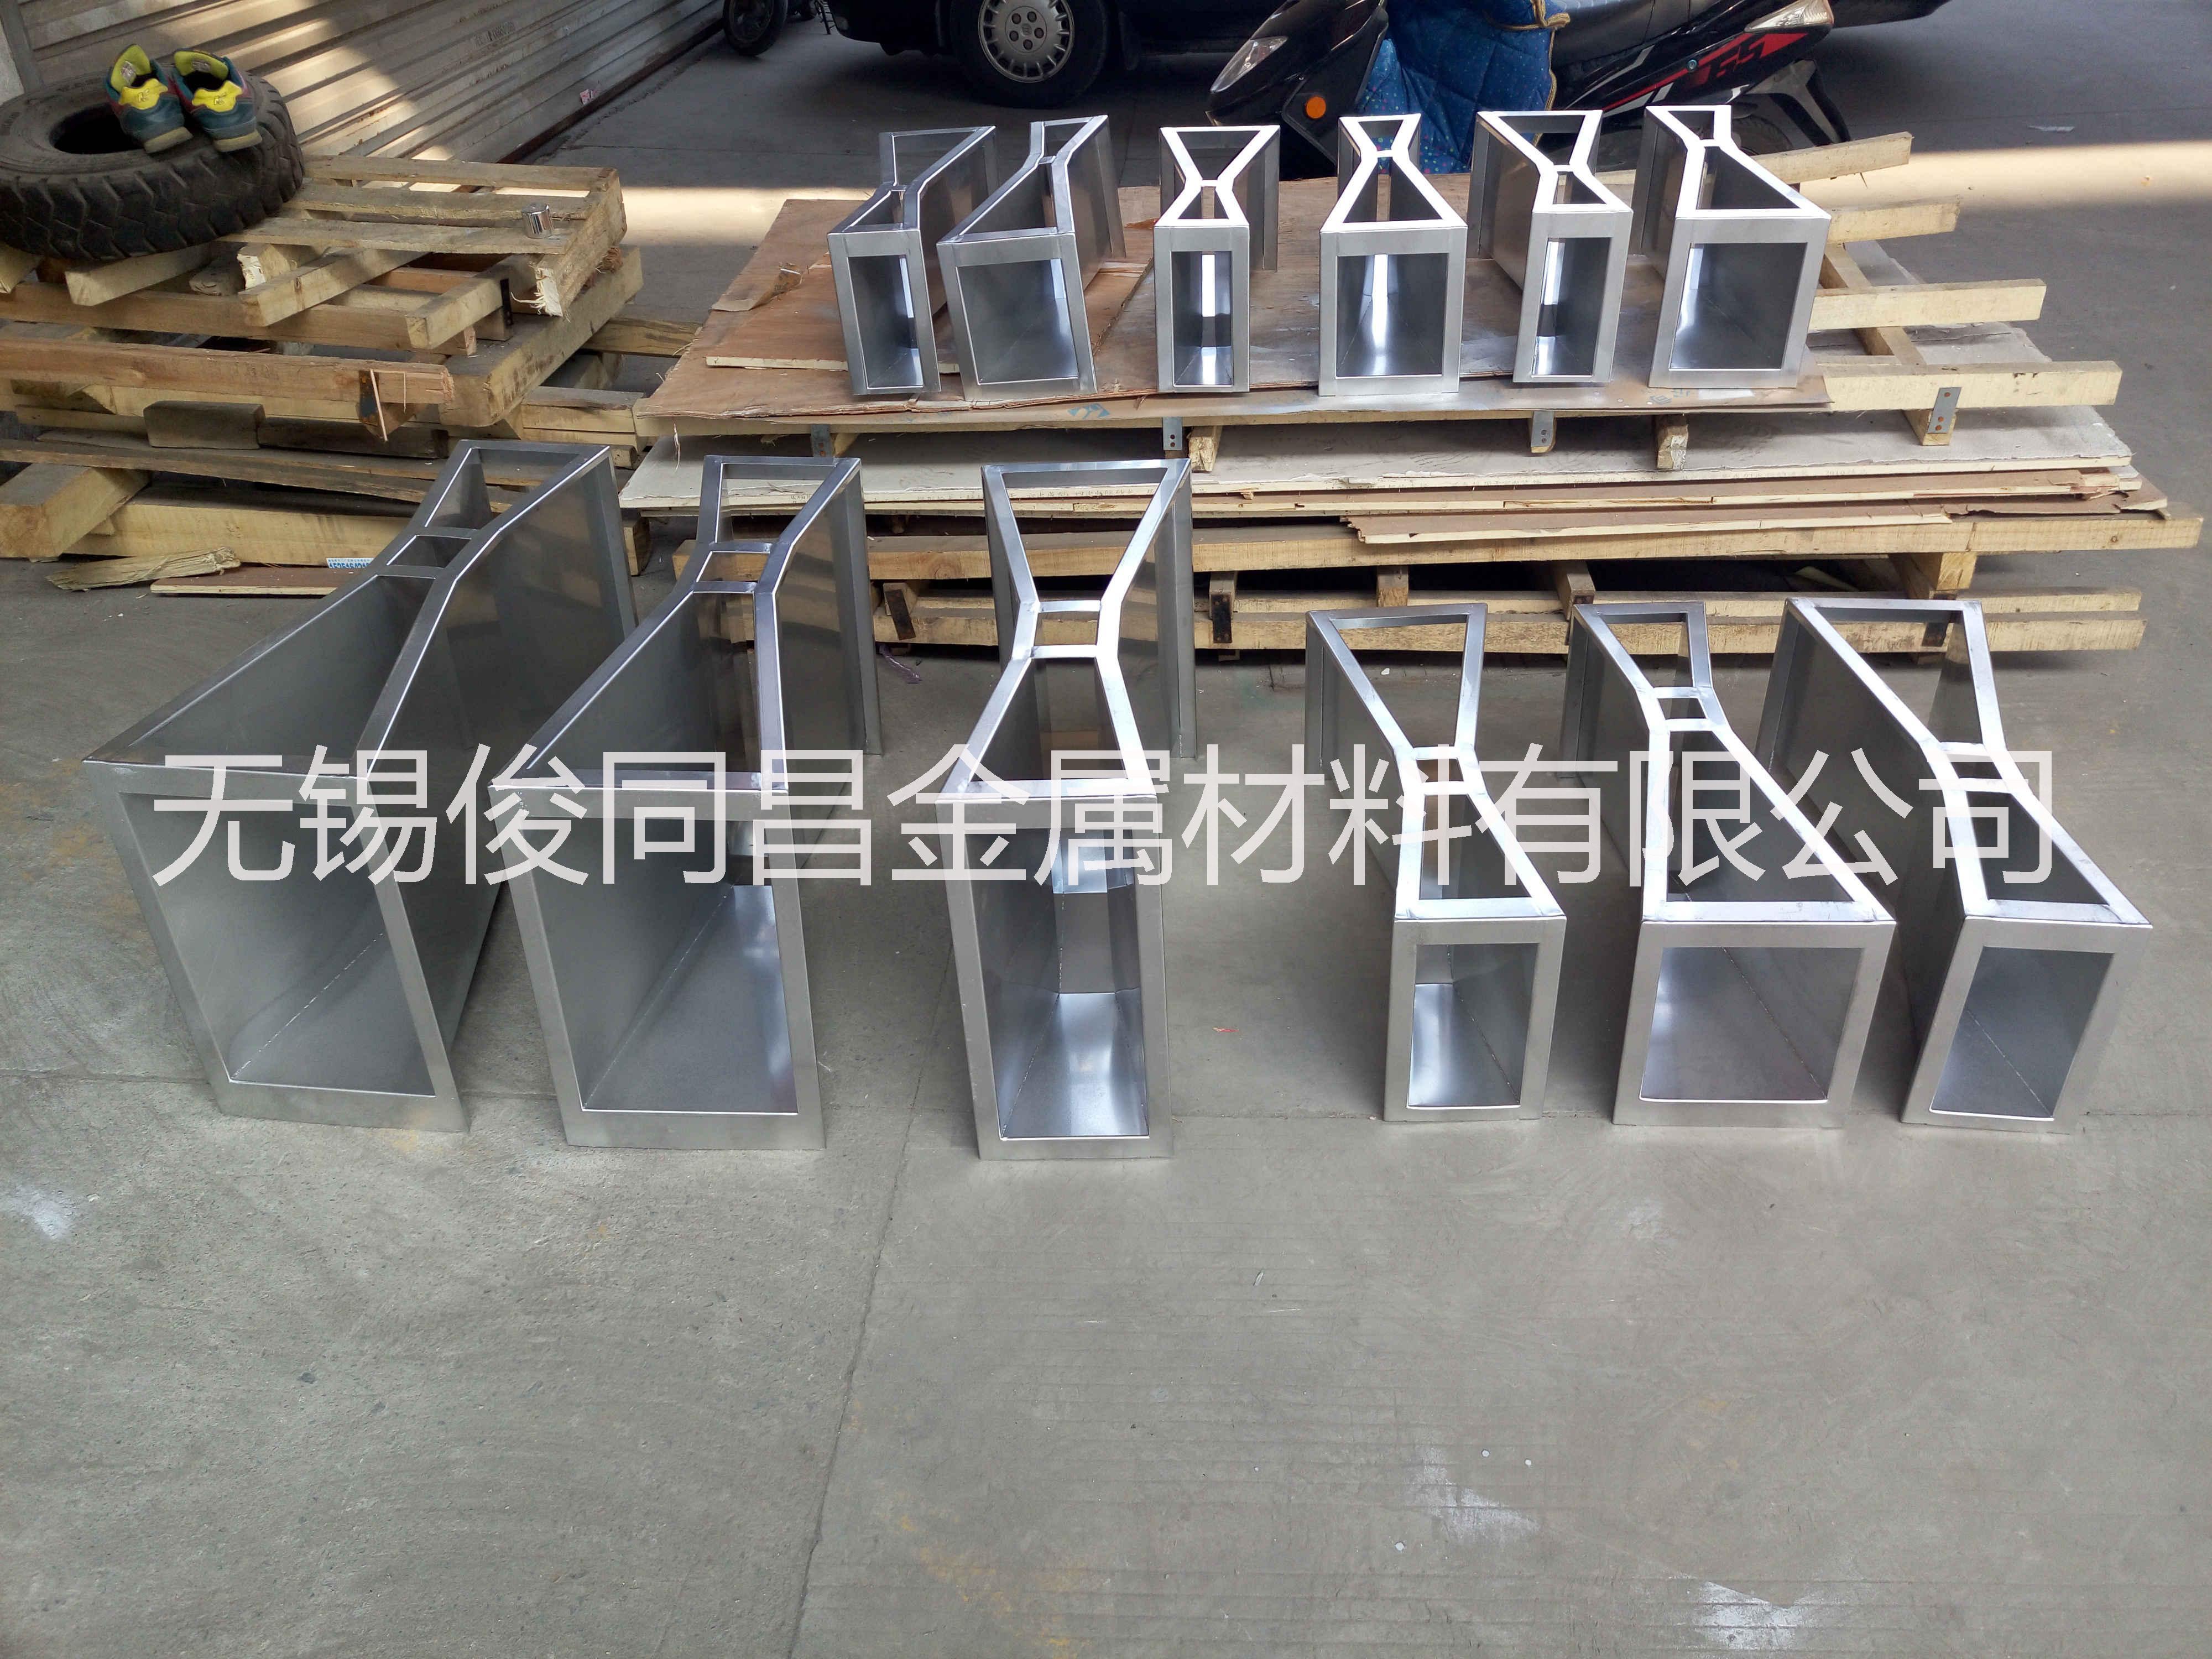 304不锈钢3号巴氏计量槽,江苏巴氏计量槽厂家,江苏巴氏计量槽加工厂